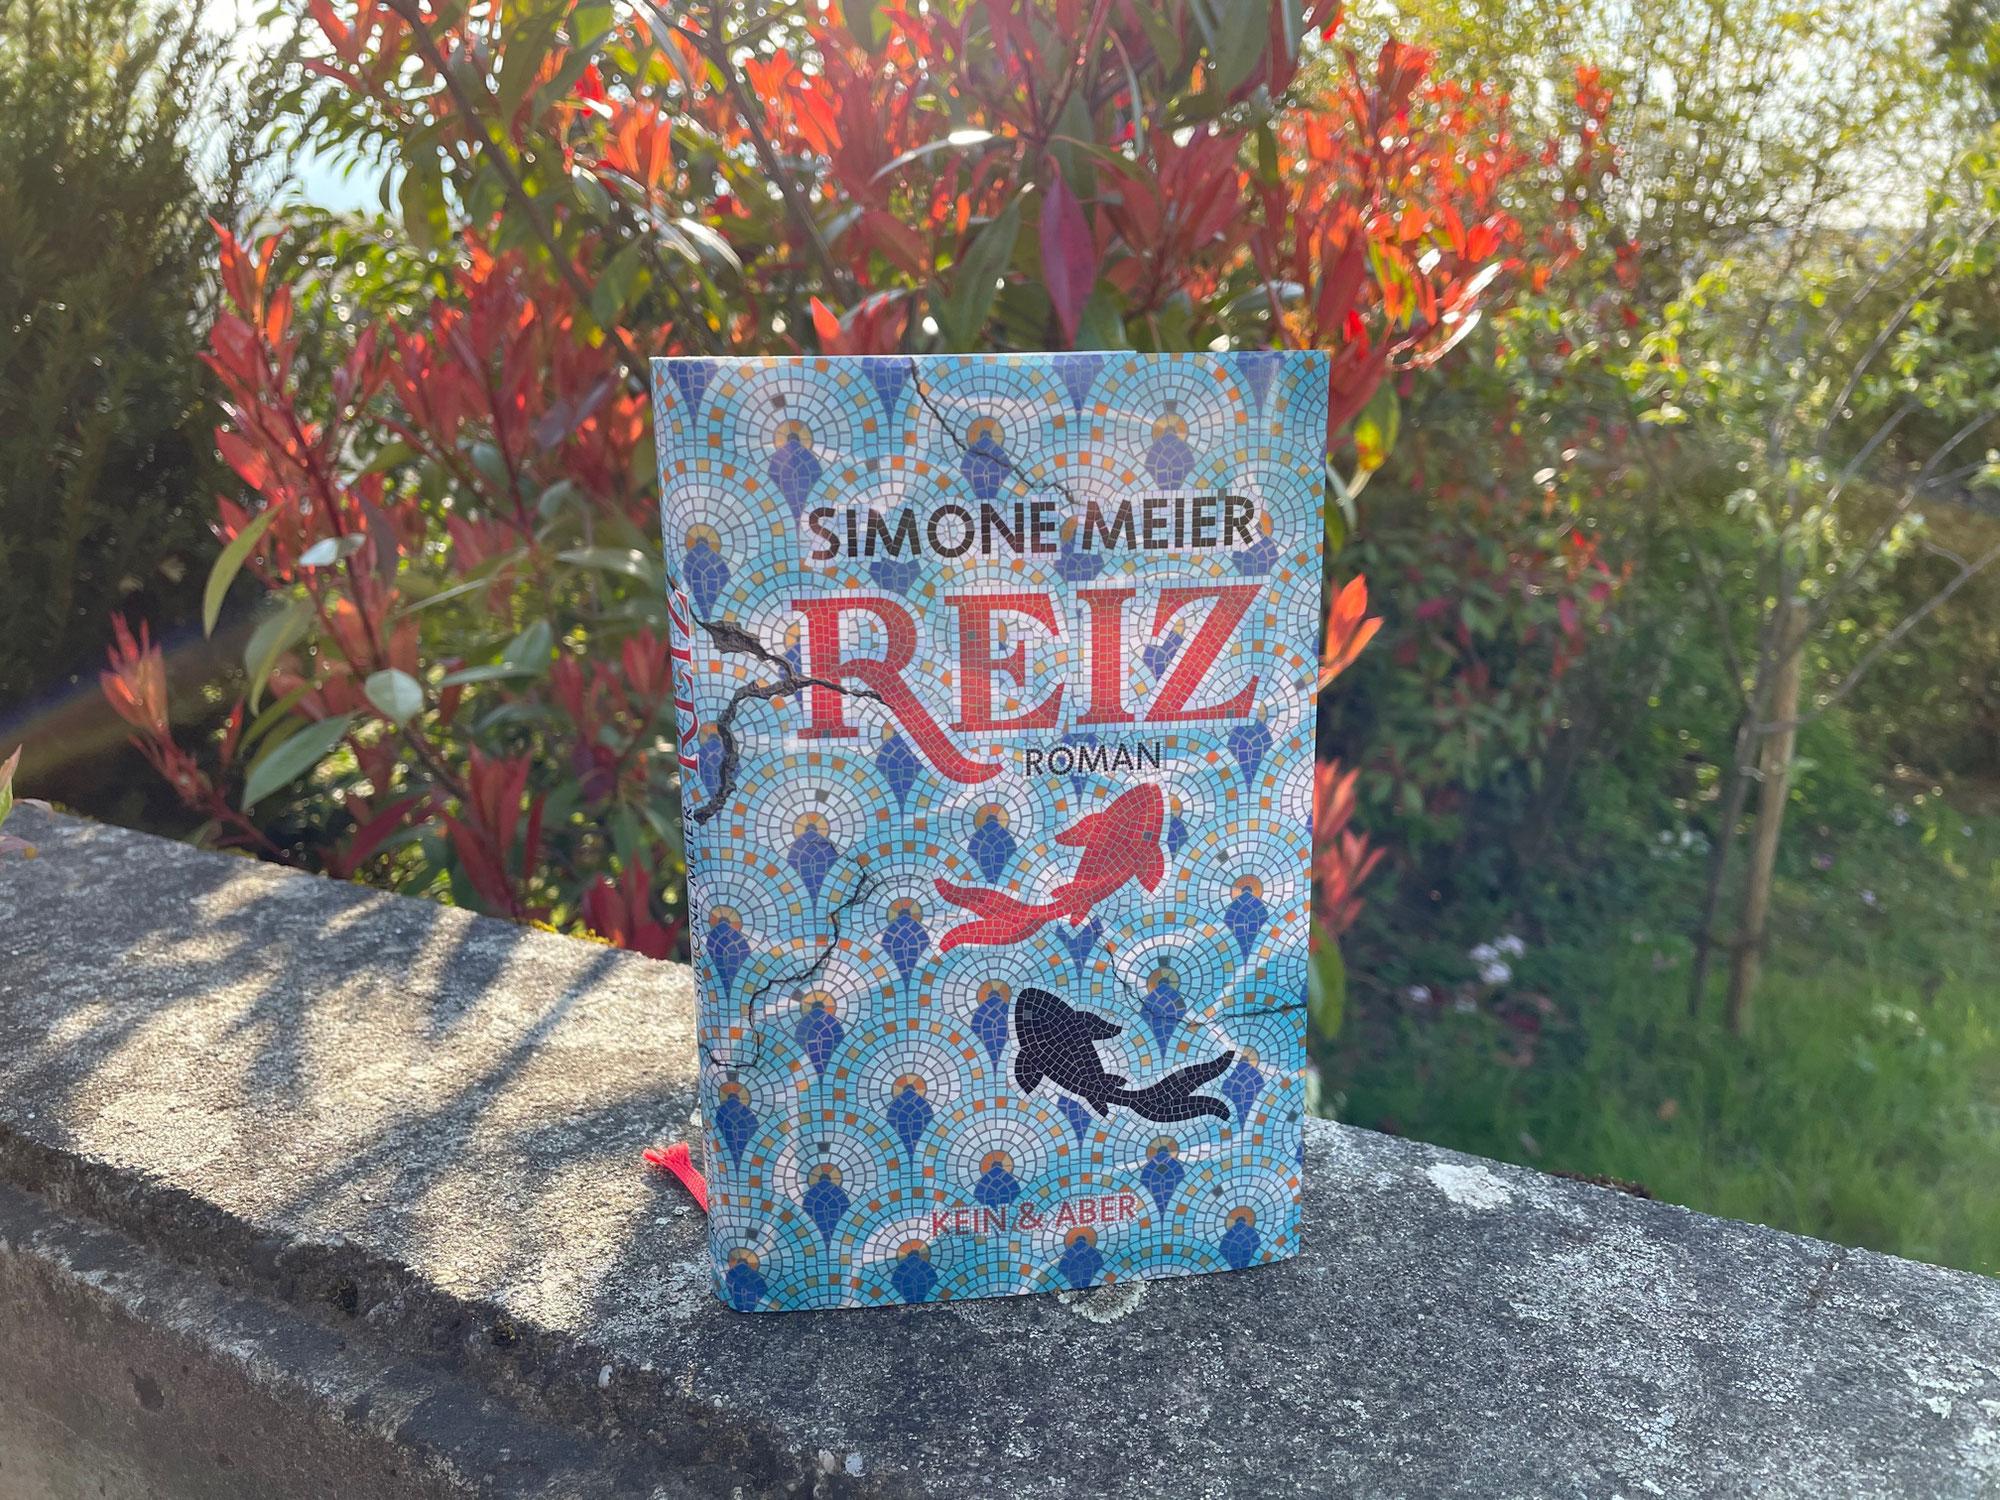 Simone Meier: Reiz (2021)